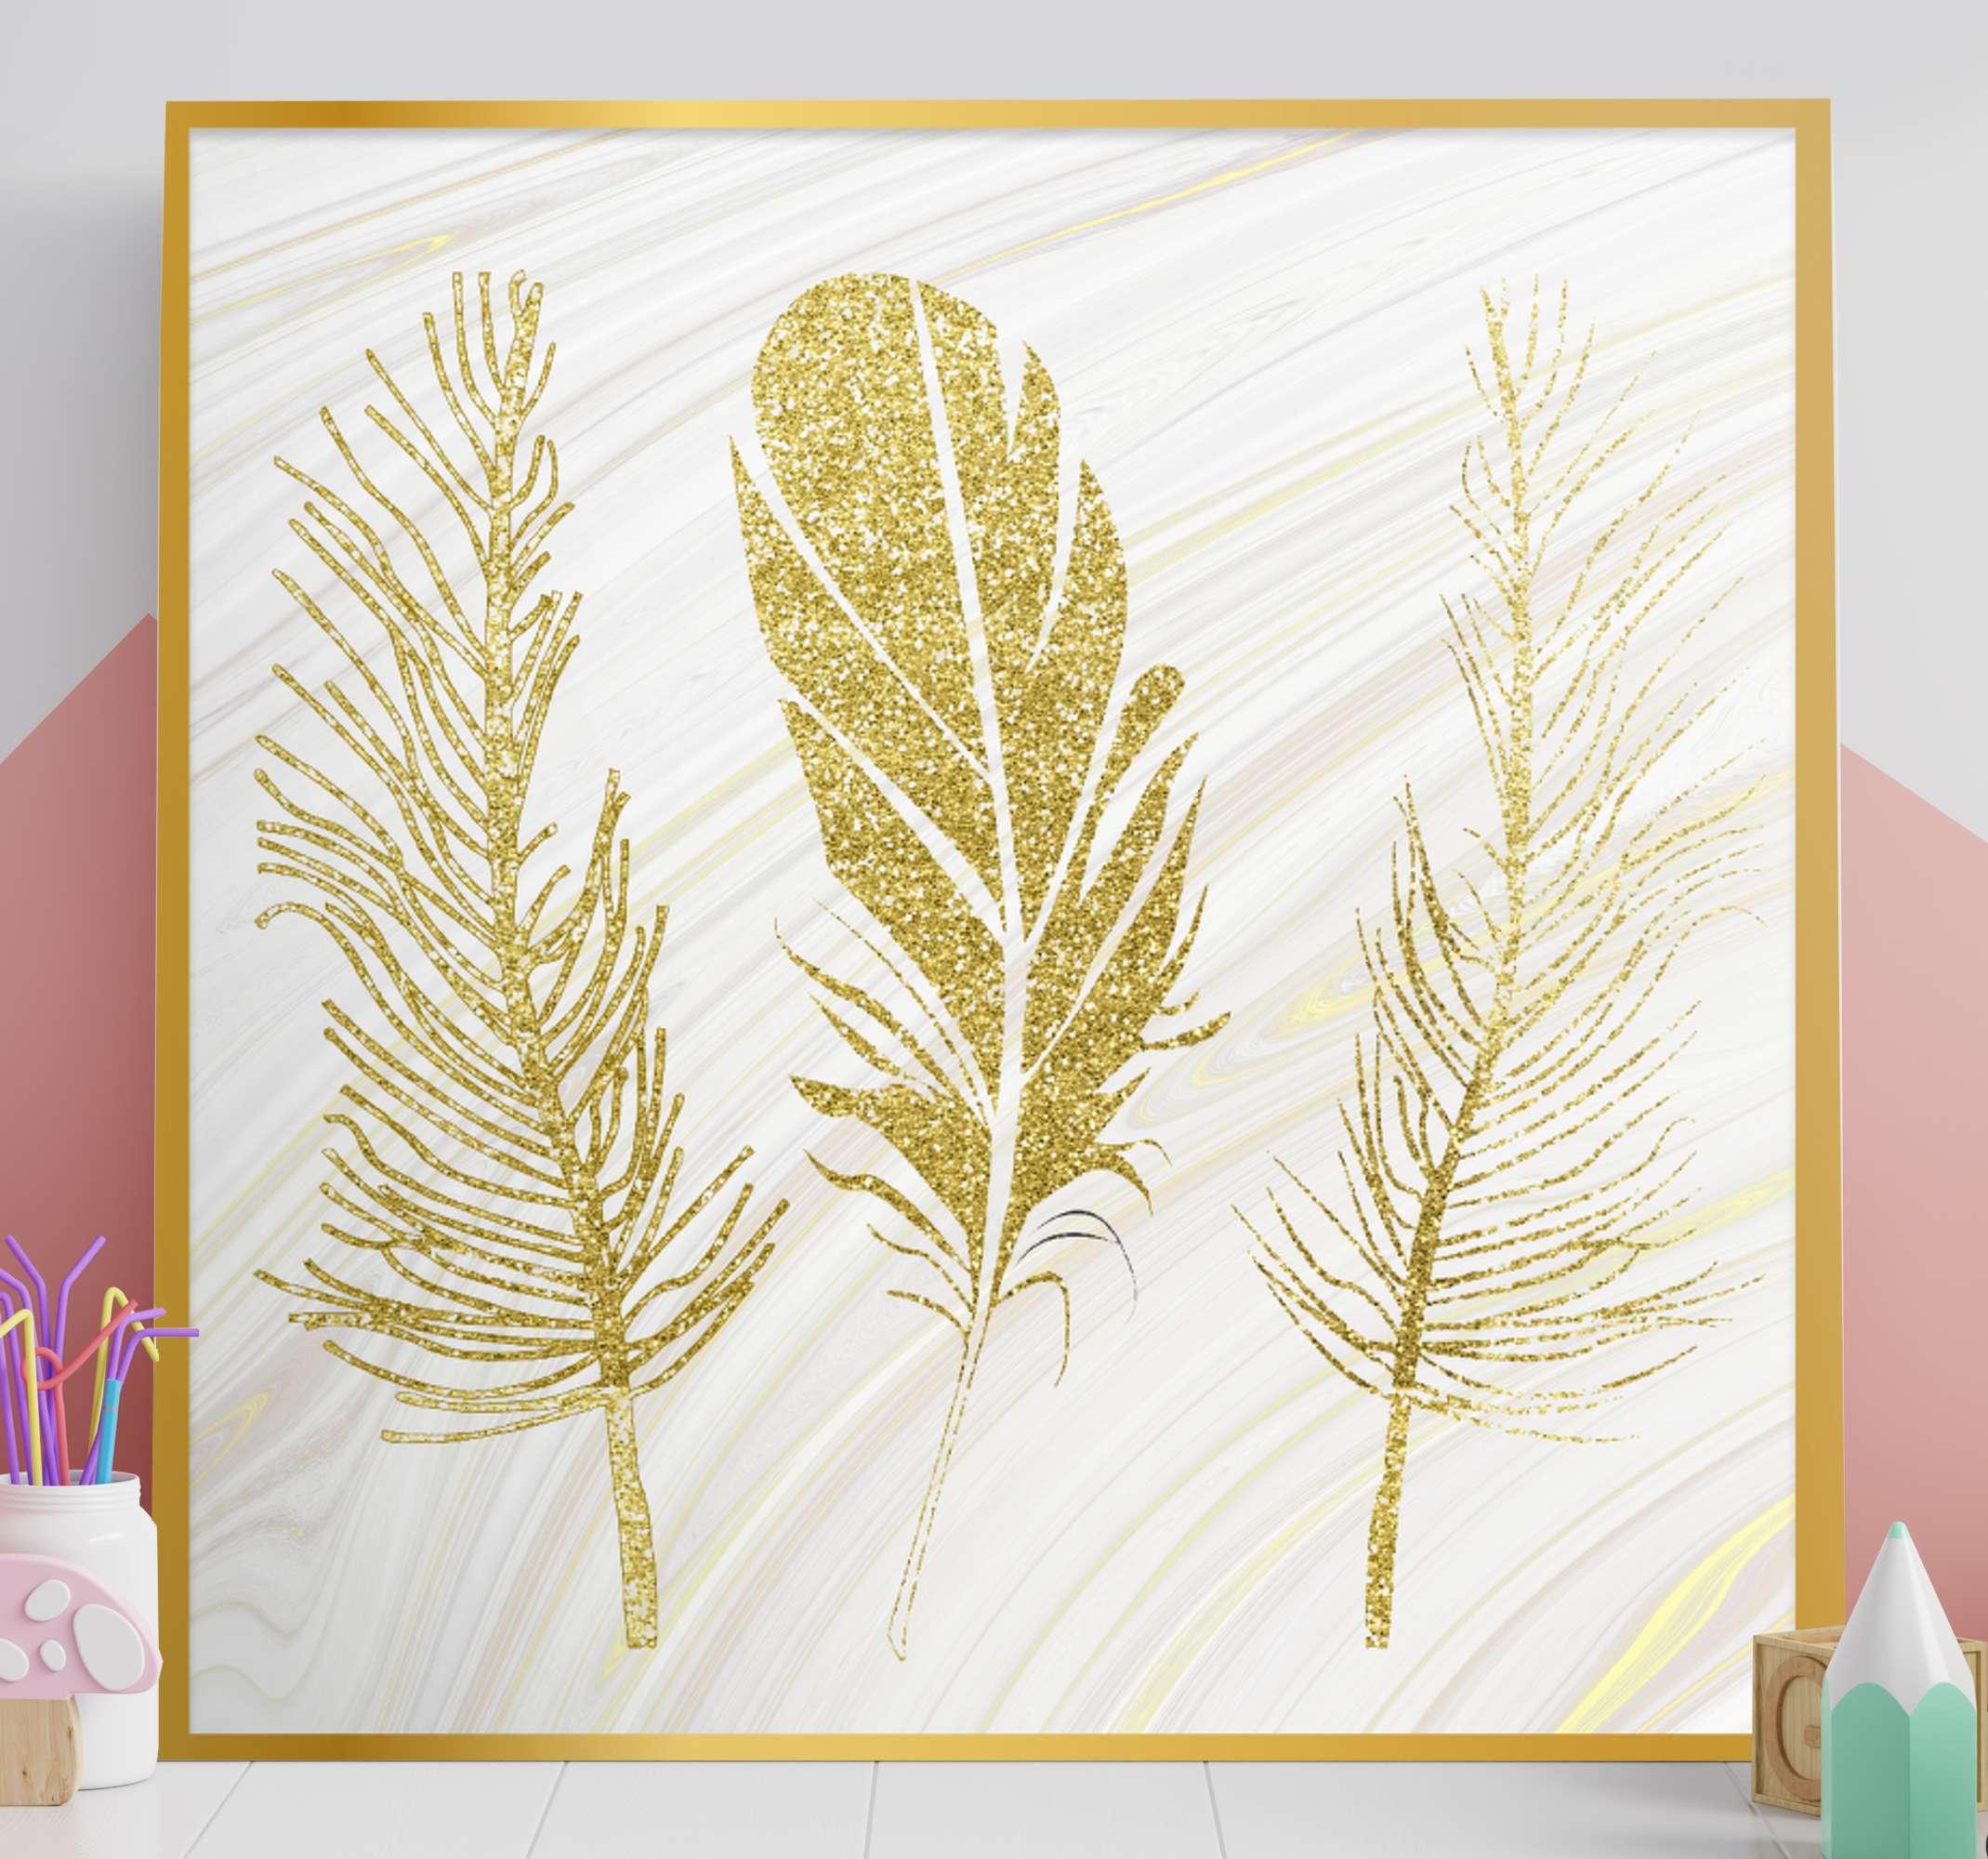 TenVinilo. Cuadro estilo rústico plumas doradas. Un increíble cuadro estilo rústico de plumas que es moderno y elegante. Diseño para que decores de forma vintage ¡Envío exprés!